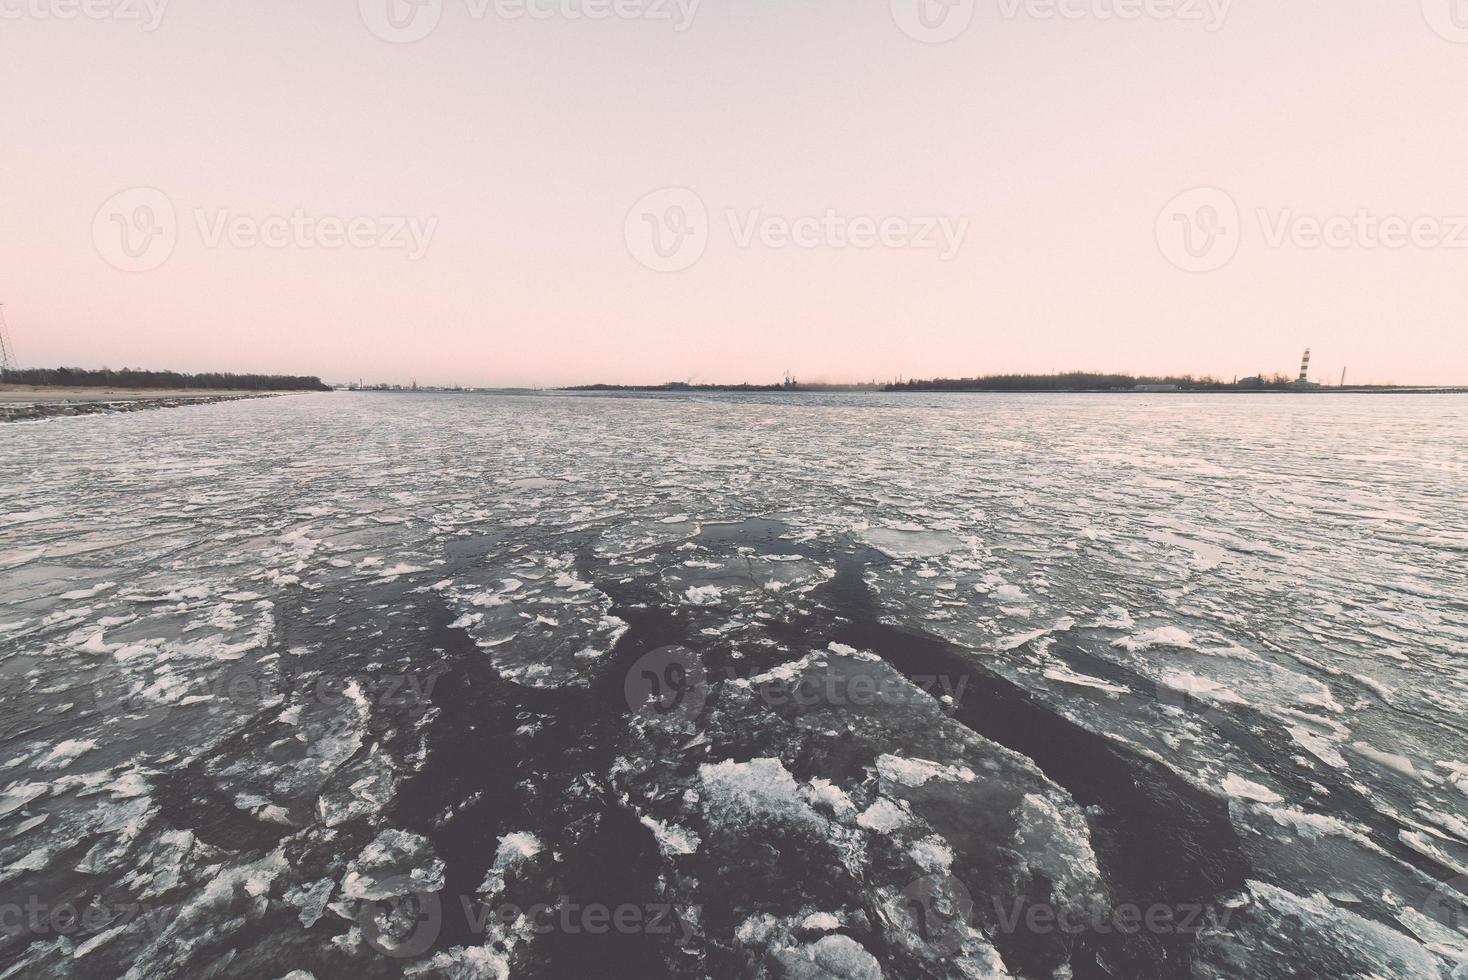 zonsondergang over bevroren zee - vintage retro effect foto